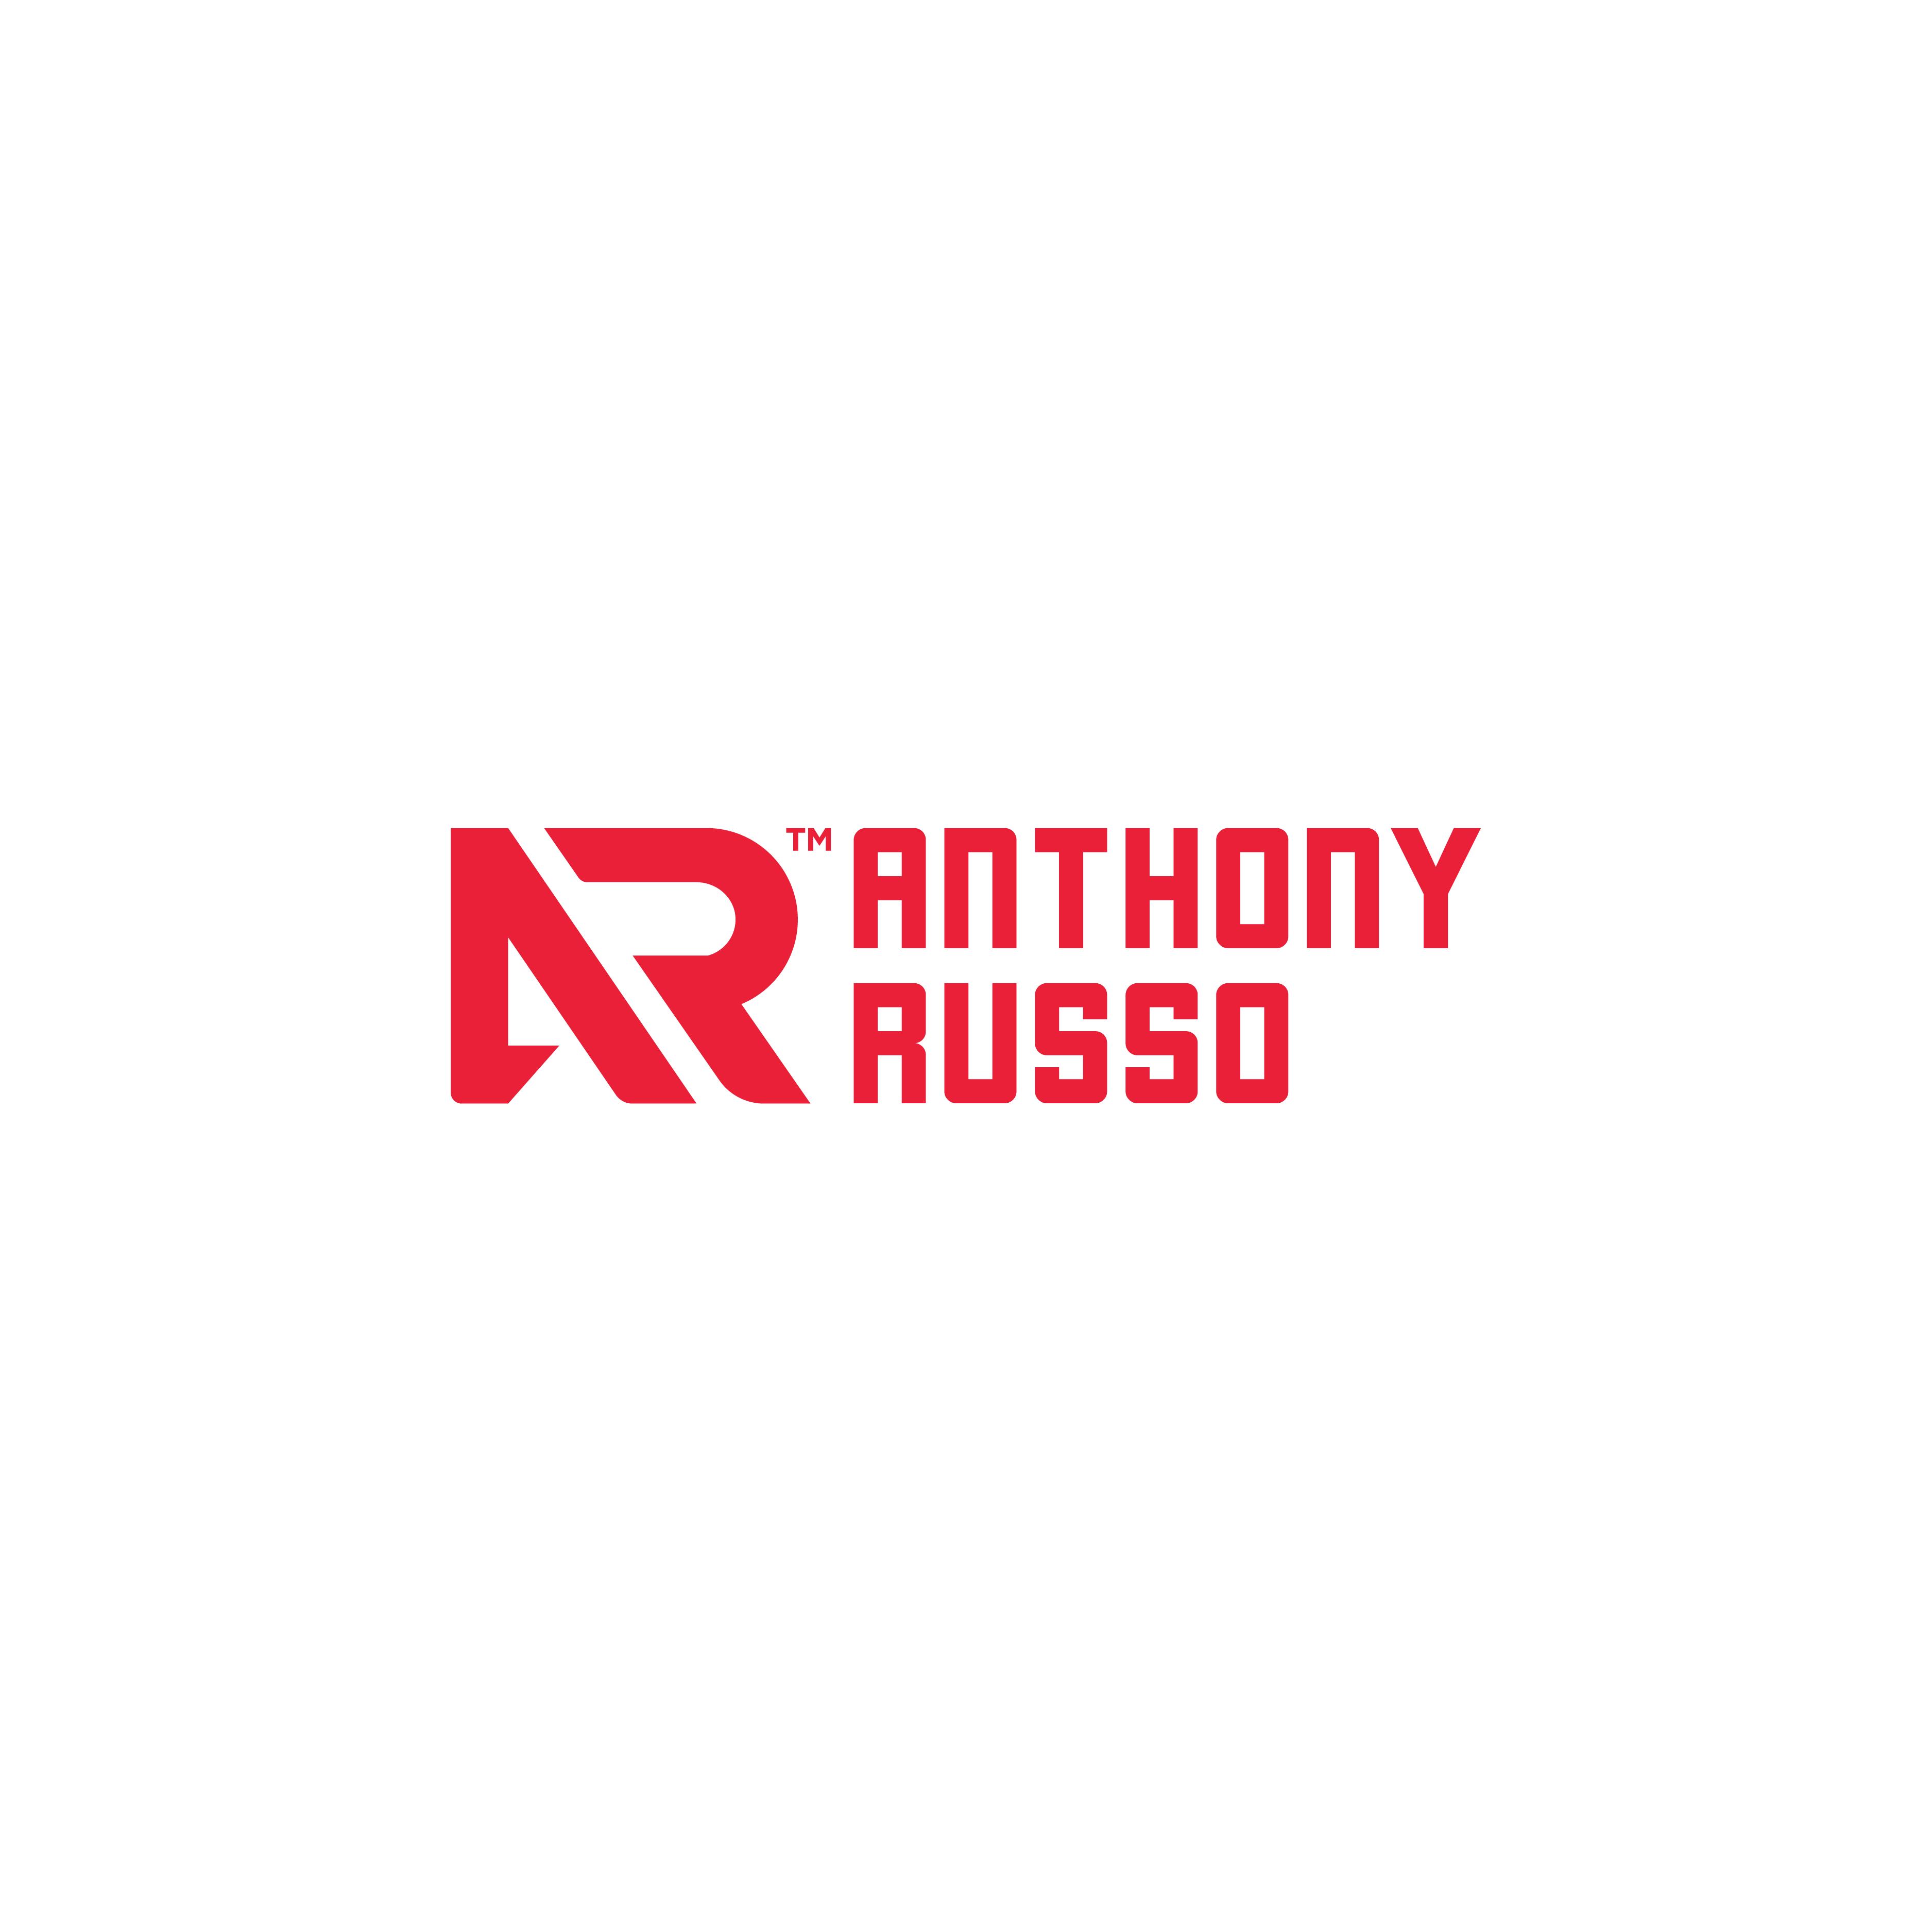 Anthony Russo logo design by logo designer Nijaz Muratovic